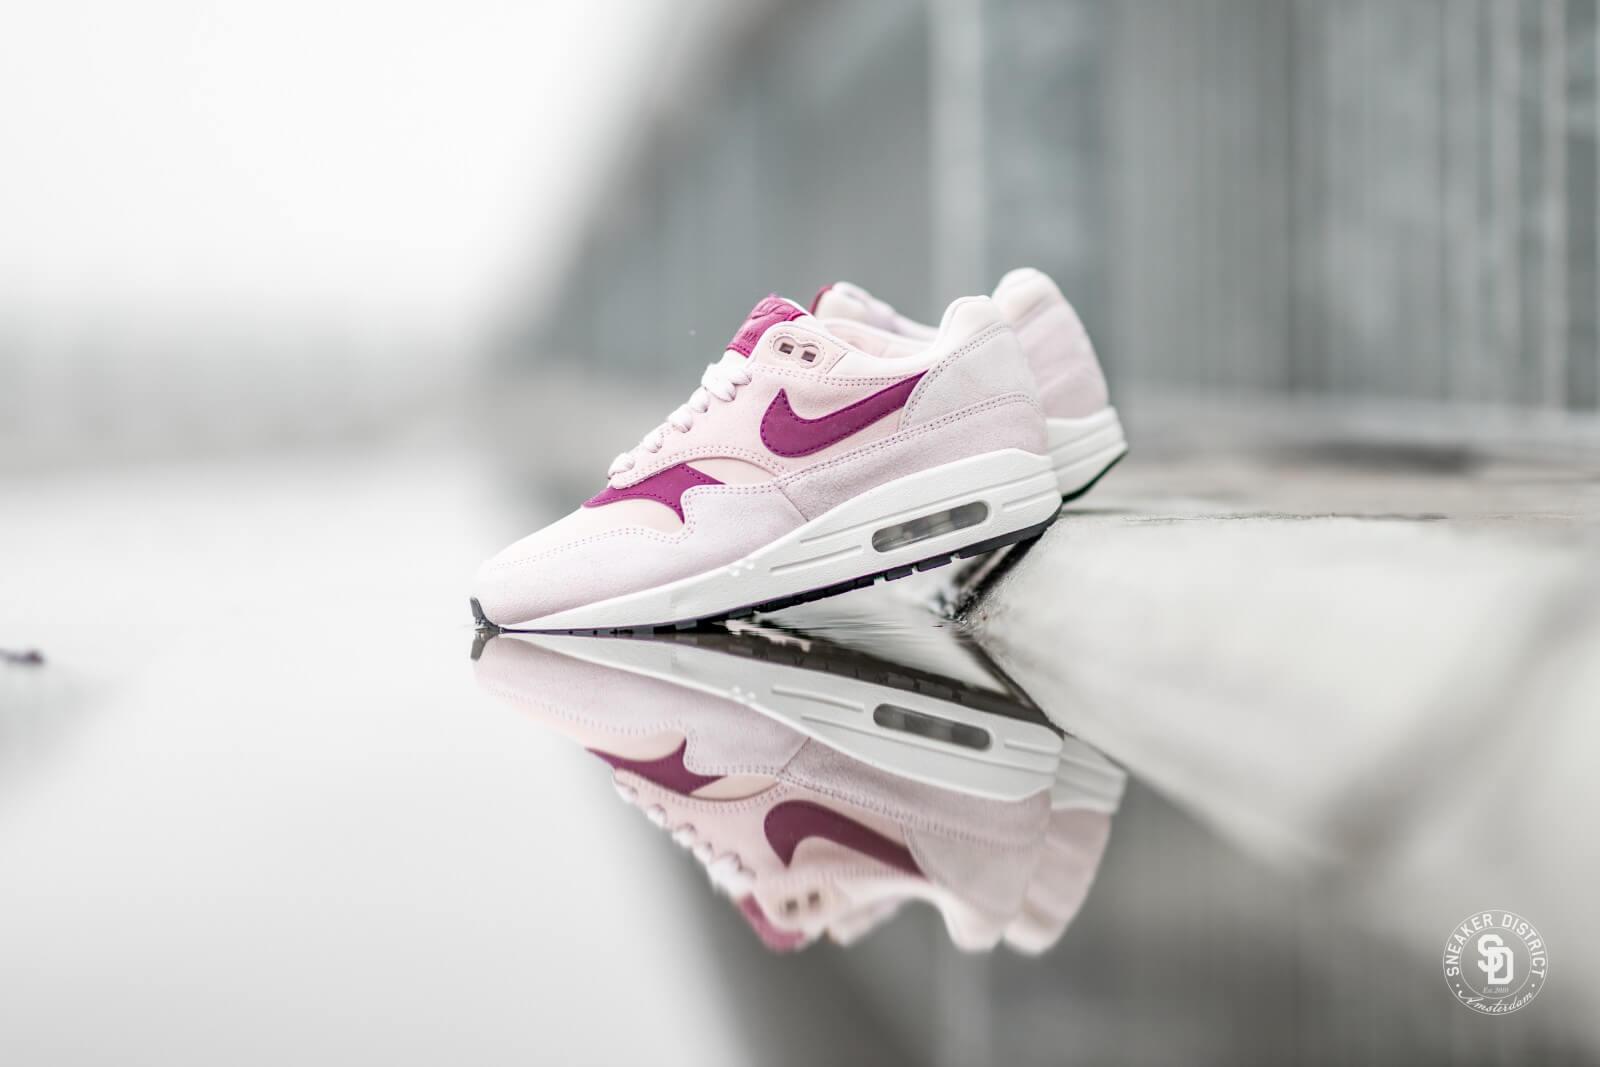 Nike Women's Air Max 1 Premium Barely Rose/True Berry-Summit White